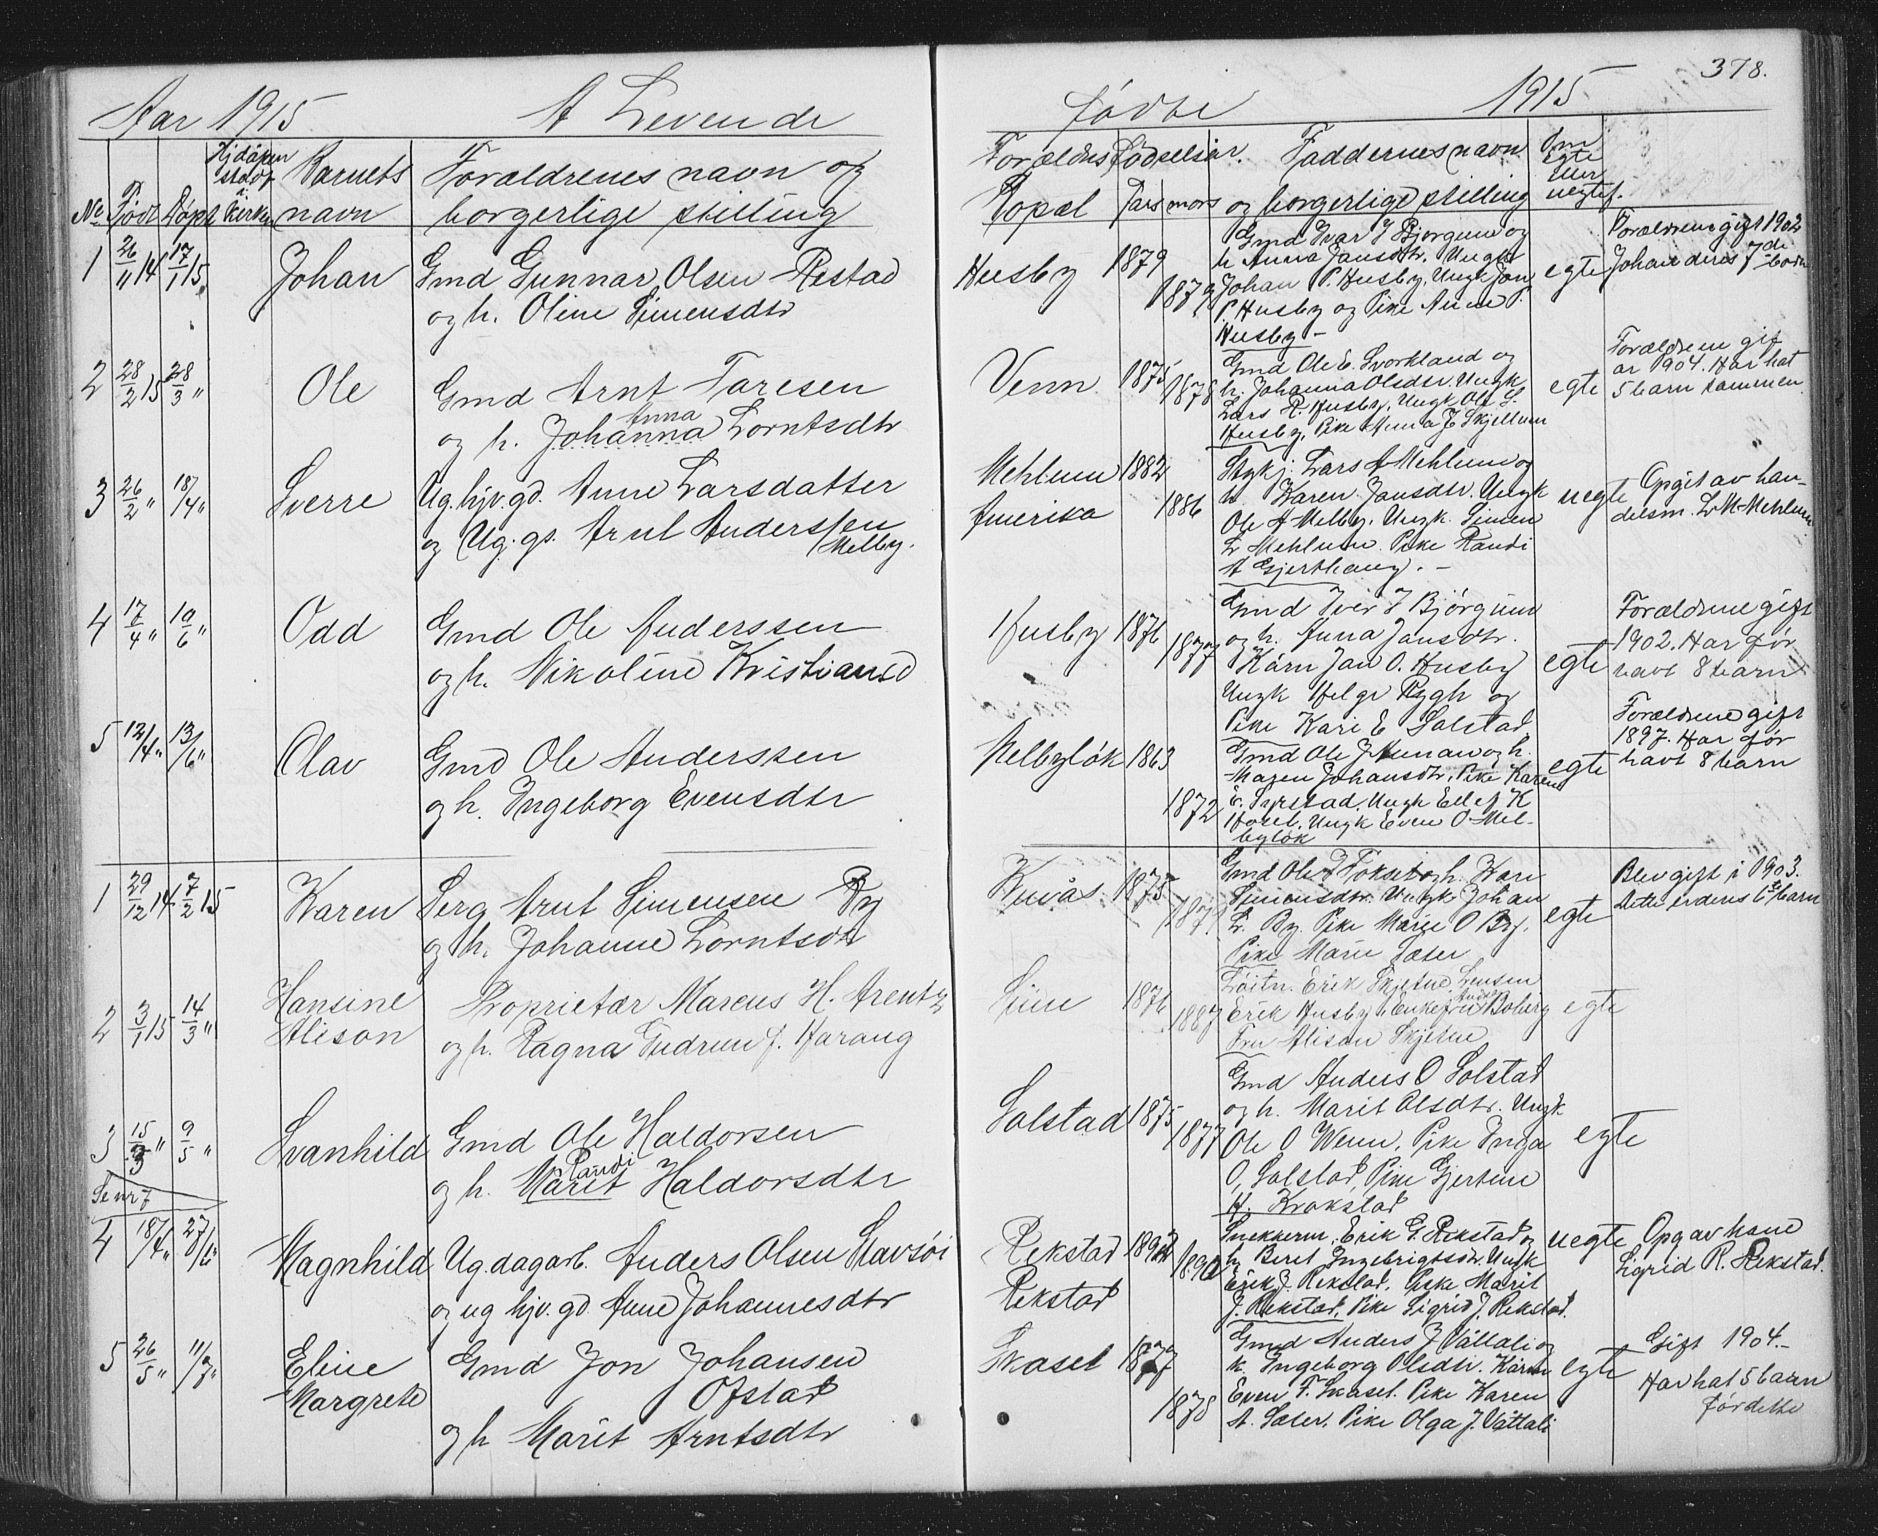 SAT, Ministerialprotokoller, klokkerbøker og fødselsregistre - Sør-Trøndelag, 667/L0798: Klokkerbok nr. 667C03, 1867-1929, s. 378